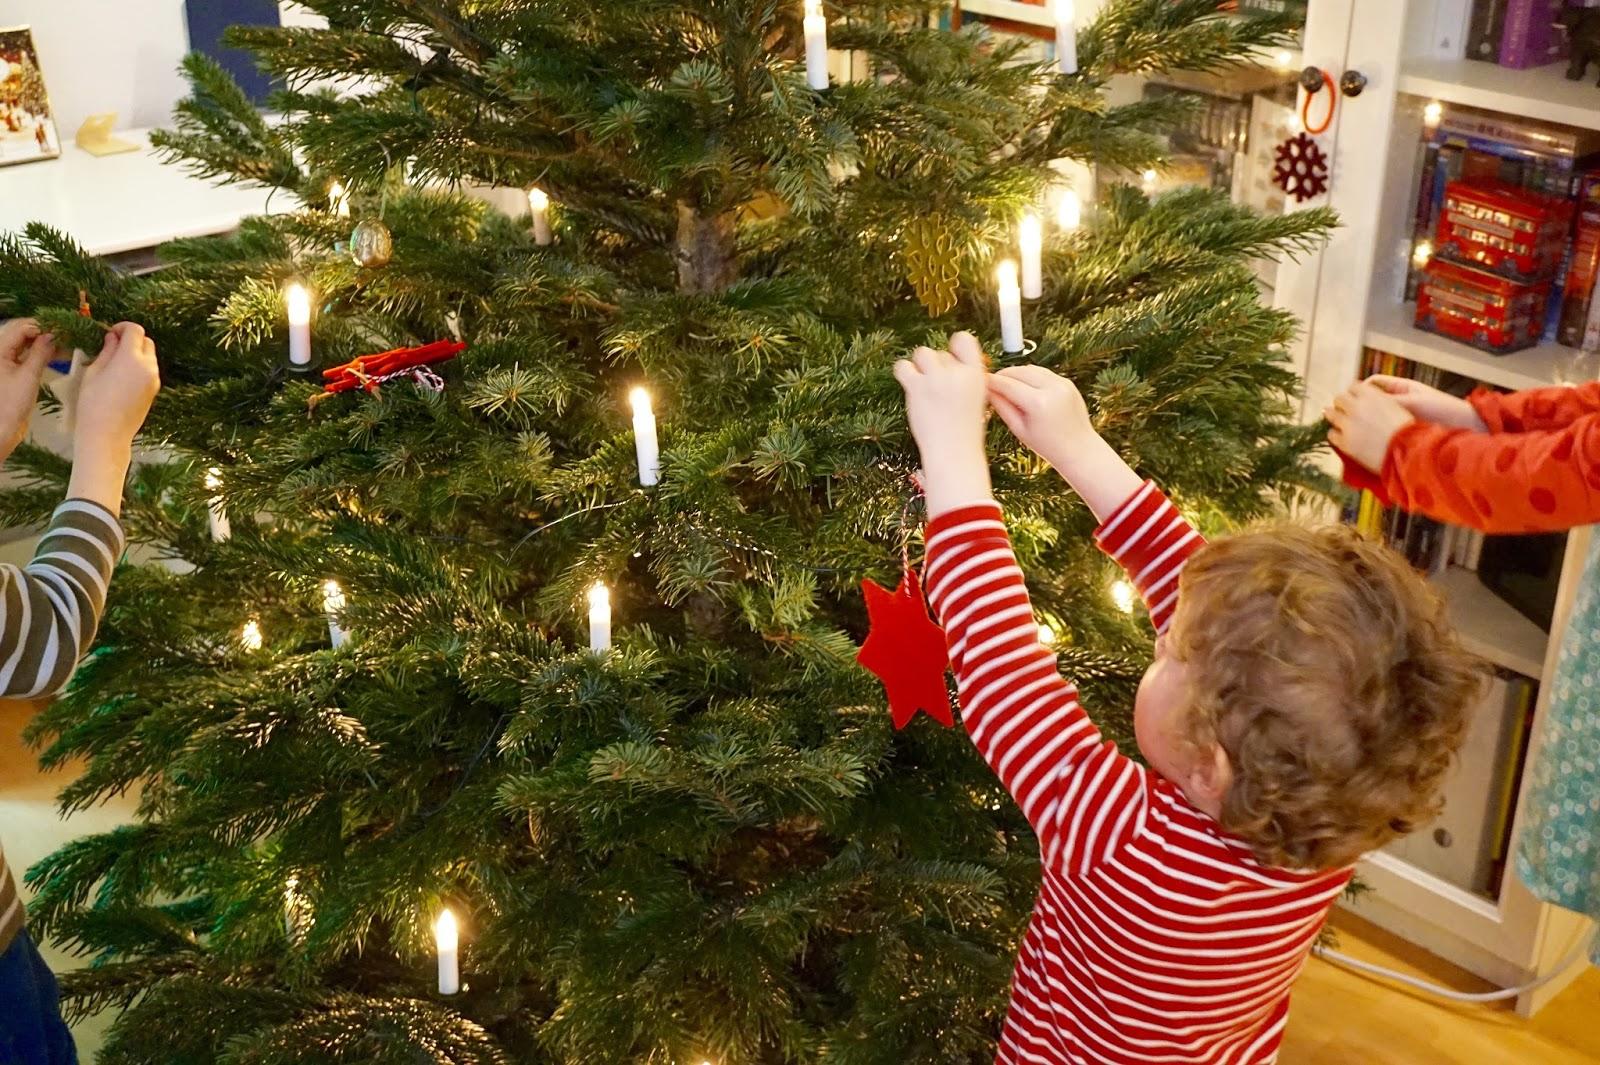 Frische Brise: 3 Tage vor Weihnachten